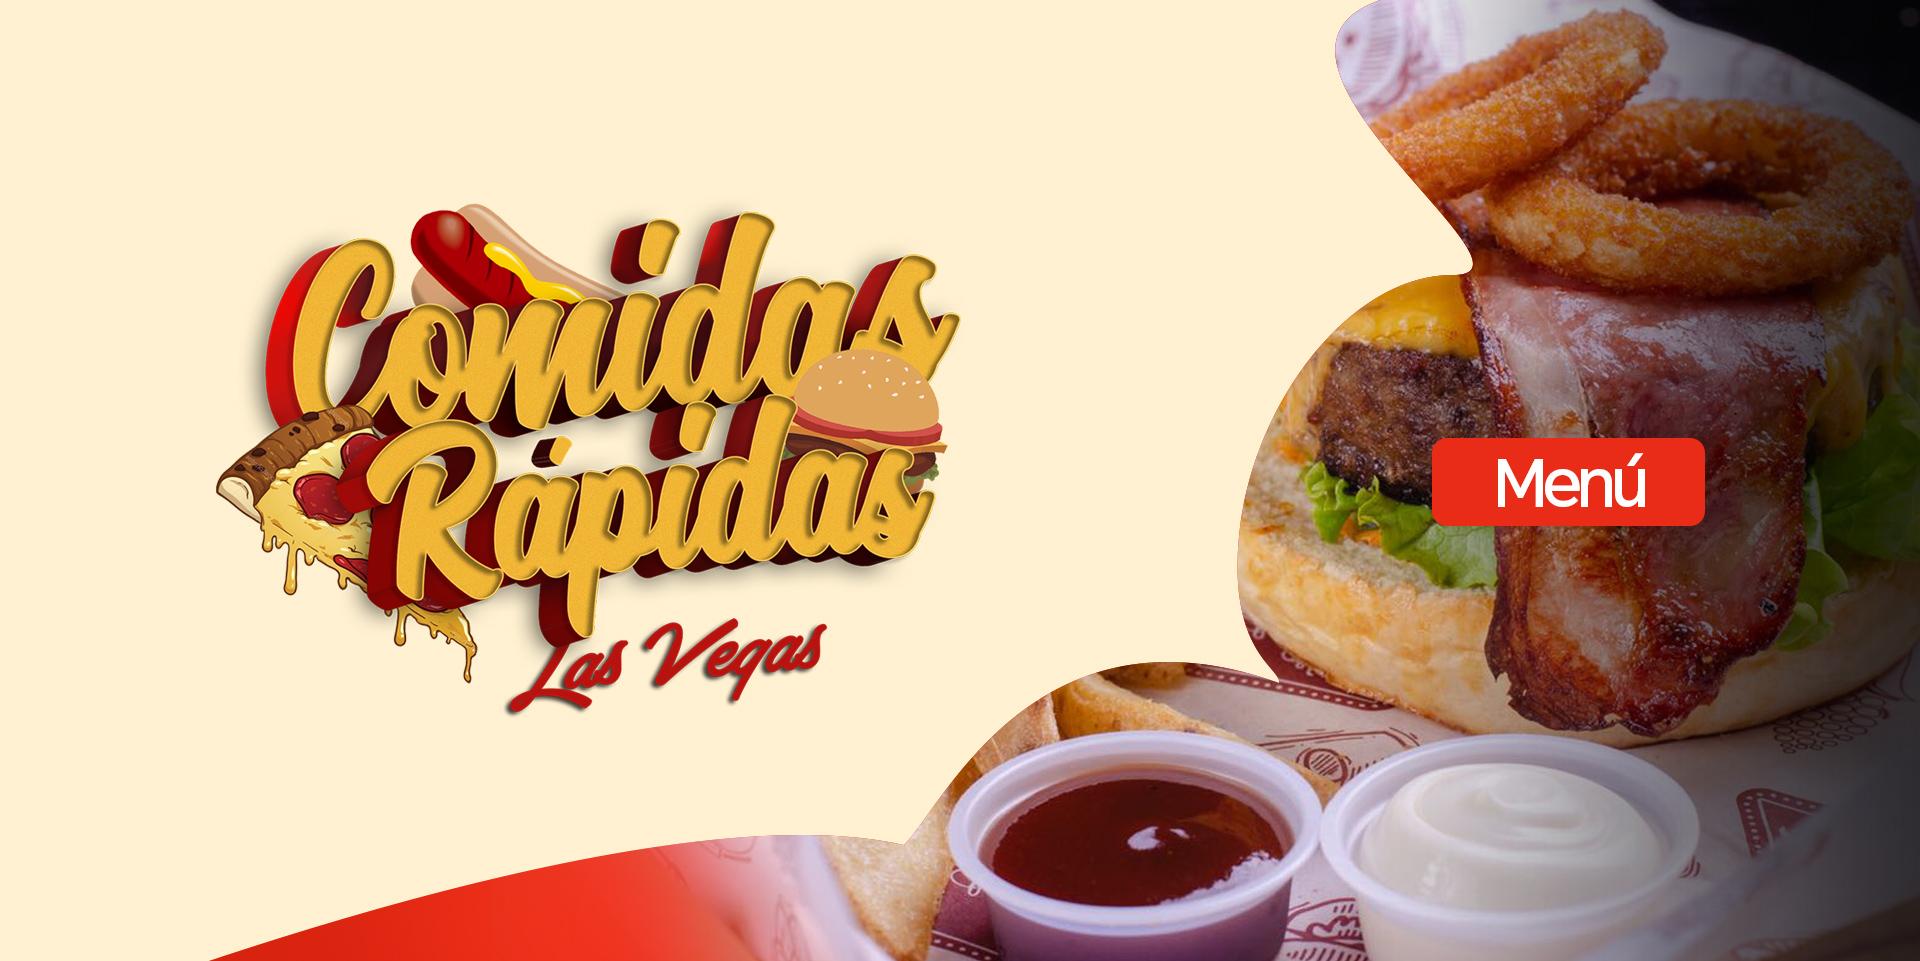 Comidas rápidas en Barranquilla - las mejores comidas rápidas están en las vegas barranquilla, ven y conoce nuestro menú haciendo click aquí